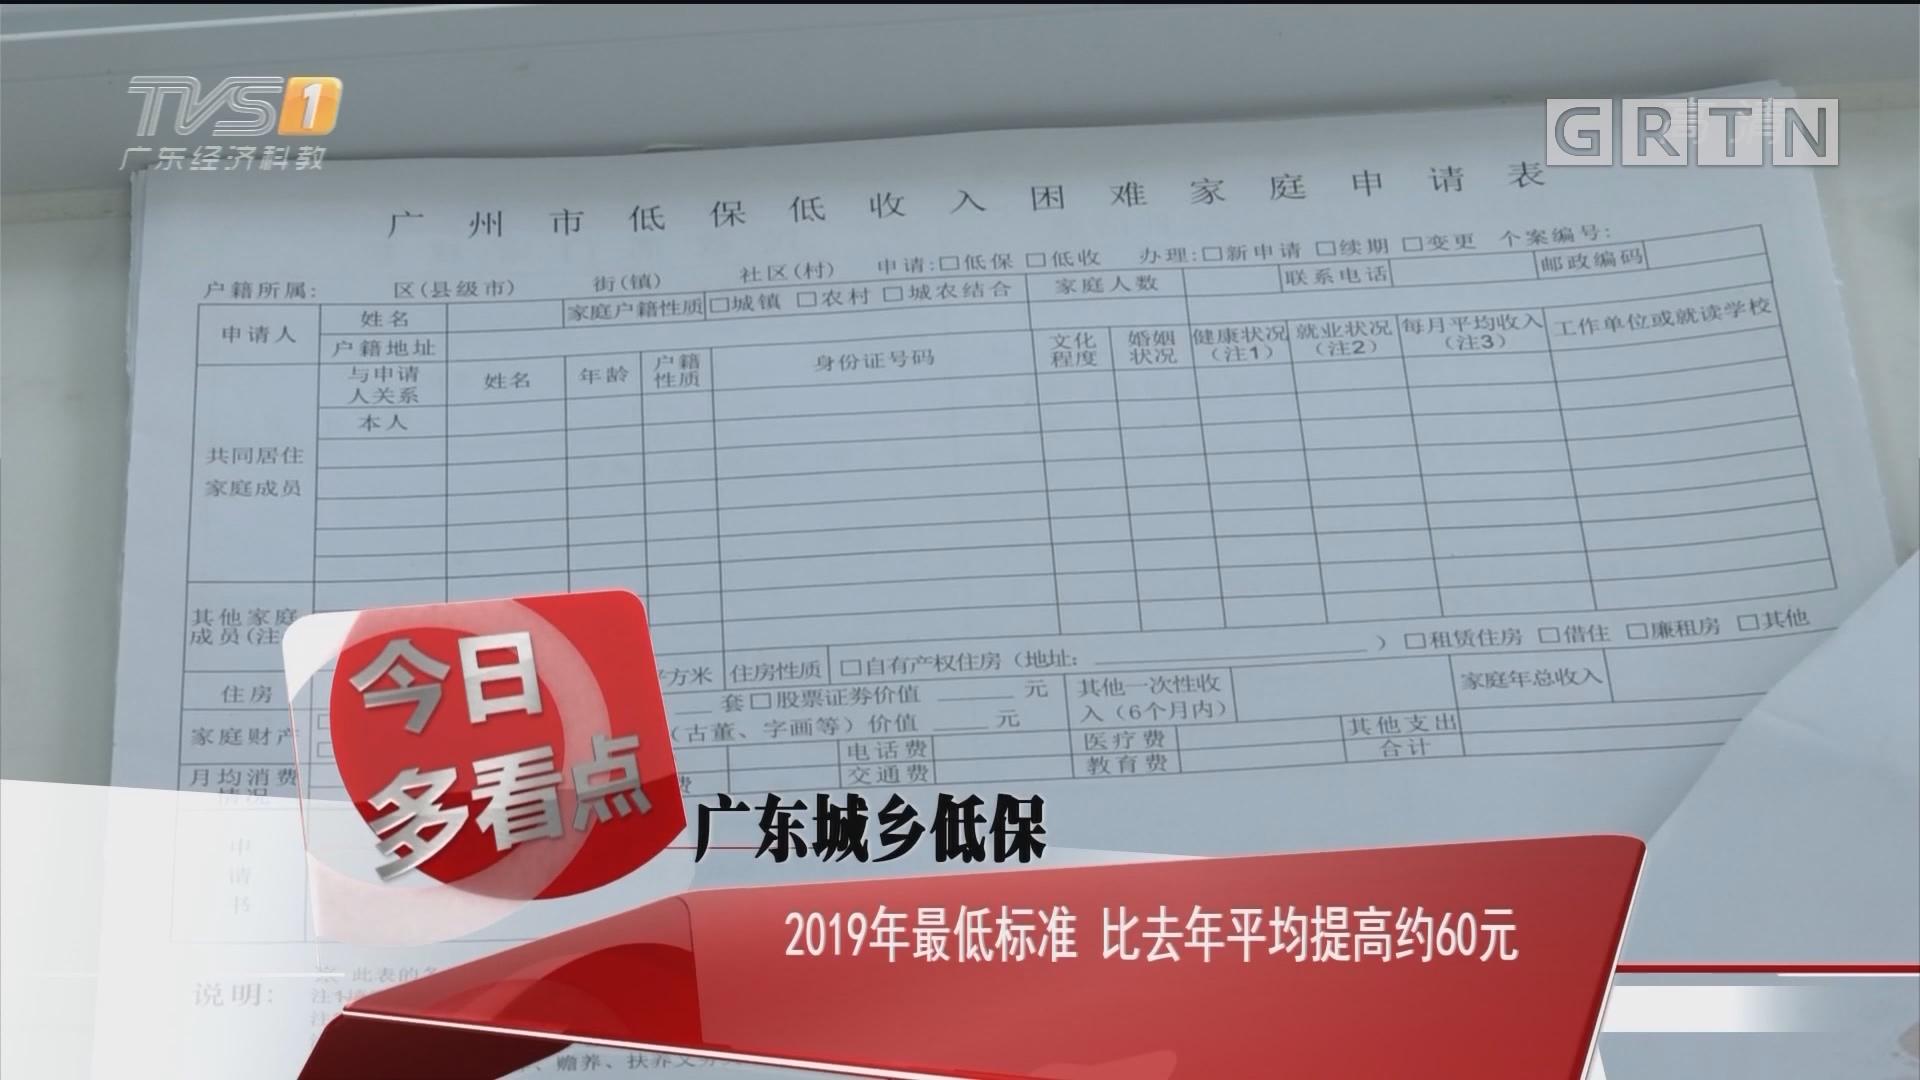 广东城乡低保:2019年最低标准 比去年平均提高约60元